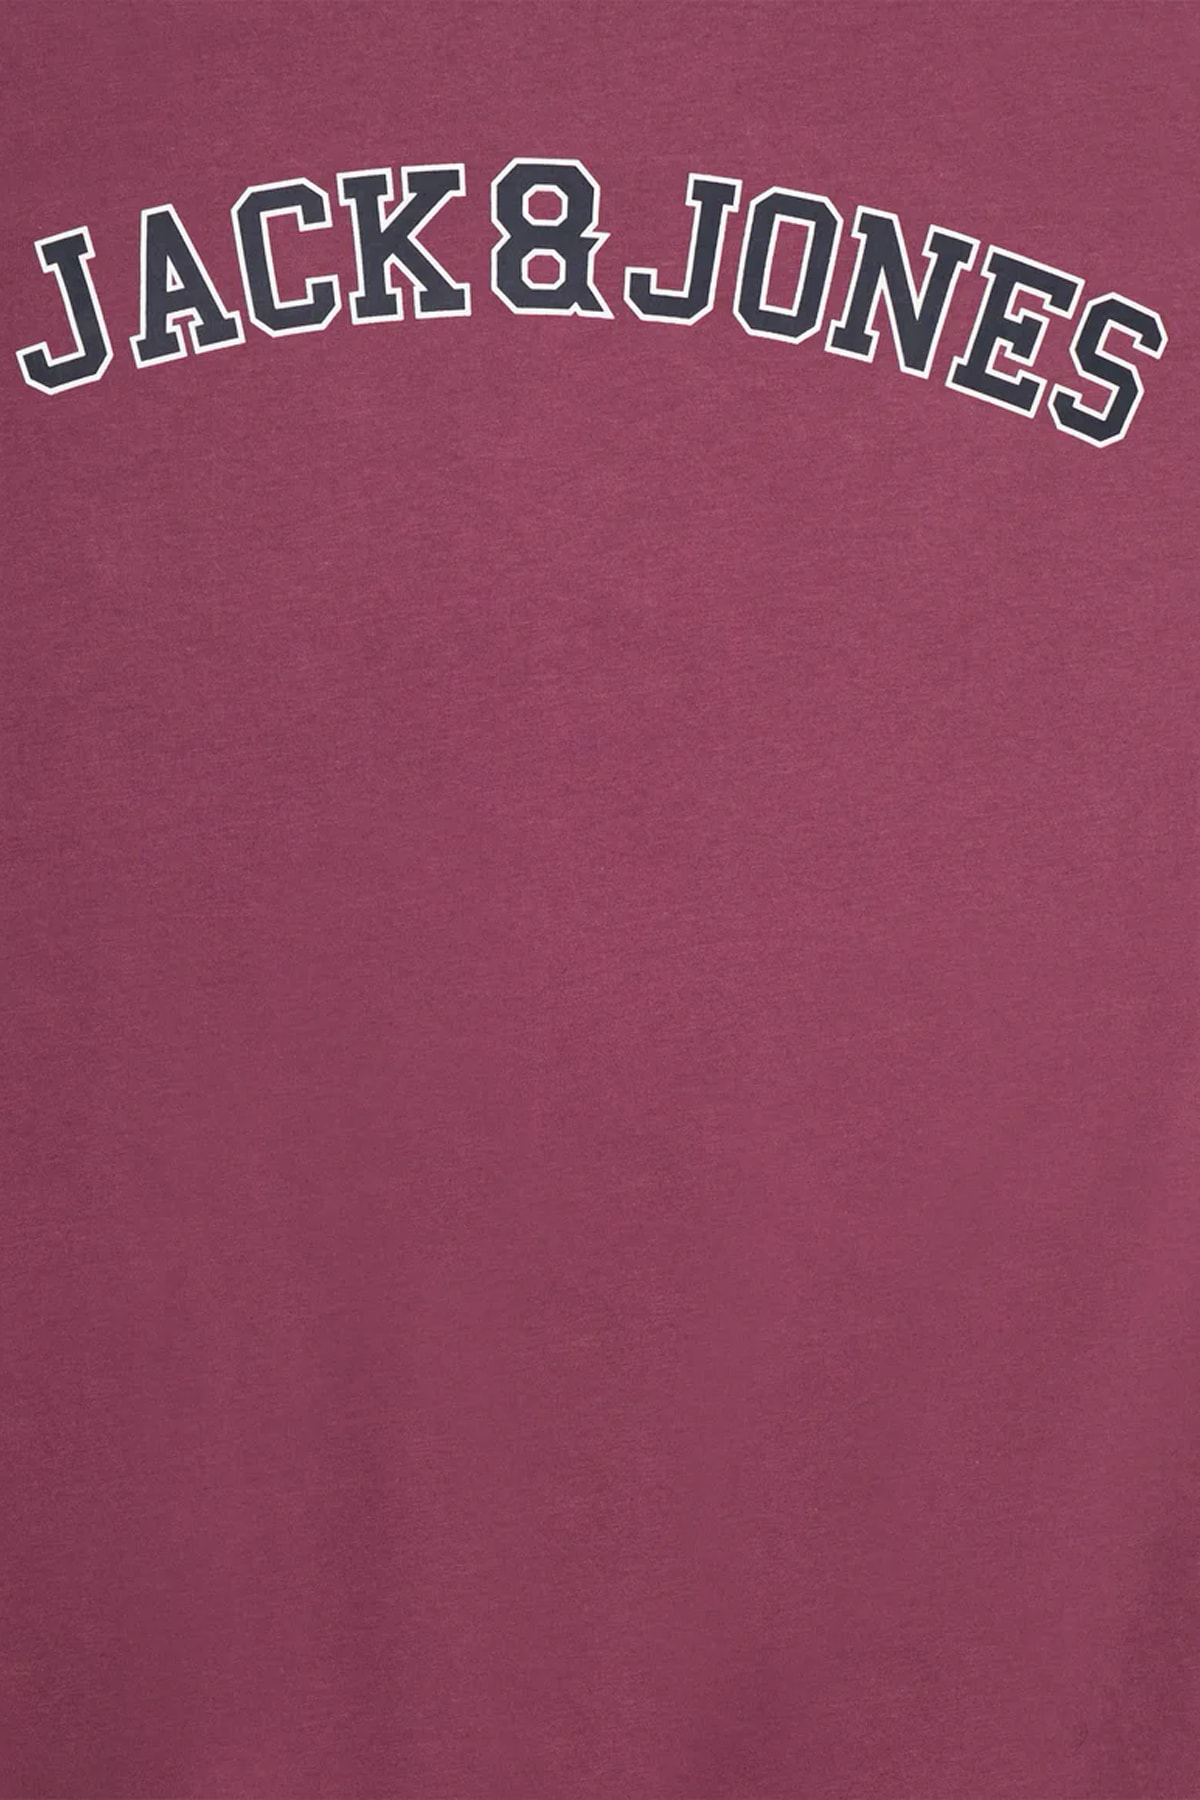 Jack & Jones Erkek Tshırt 2